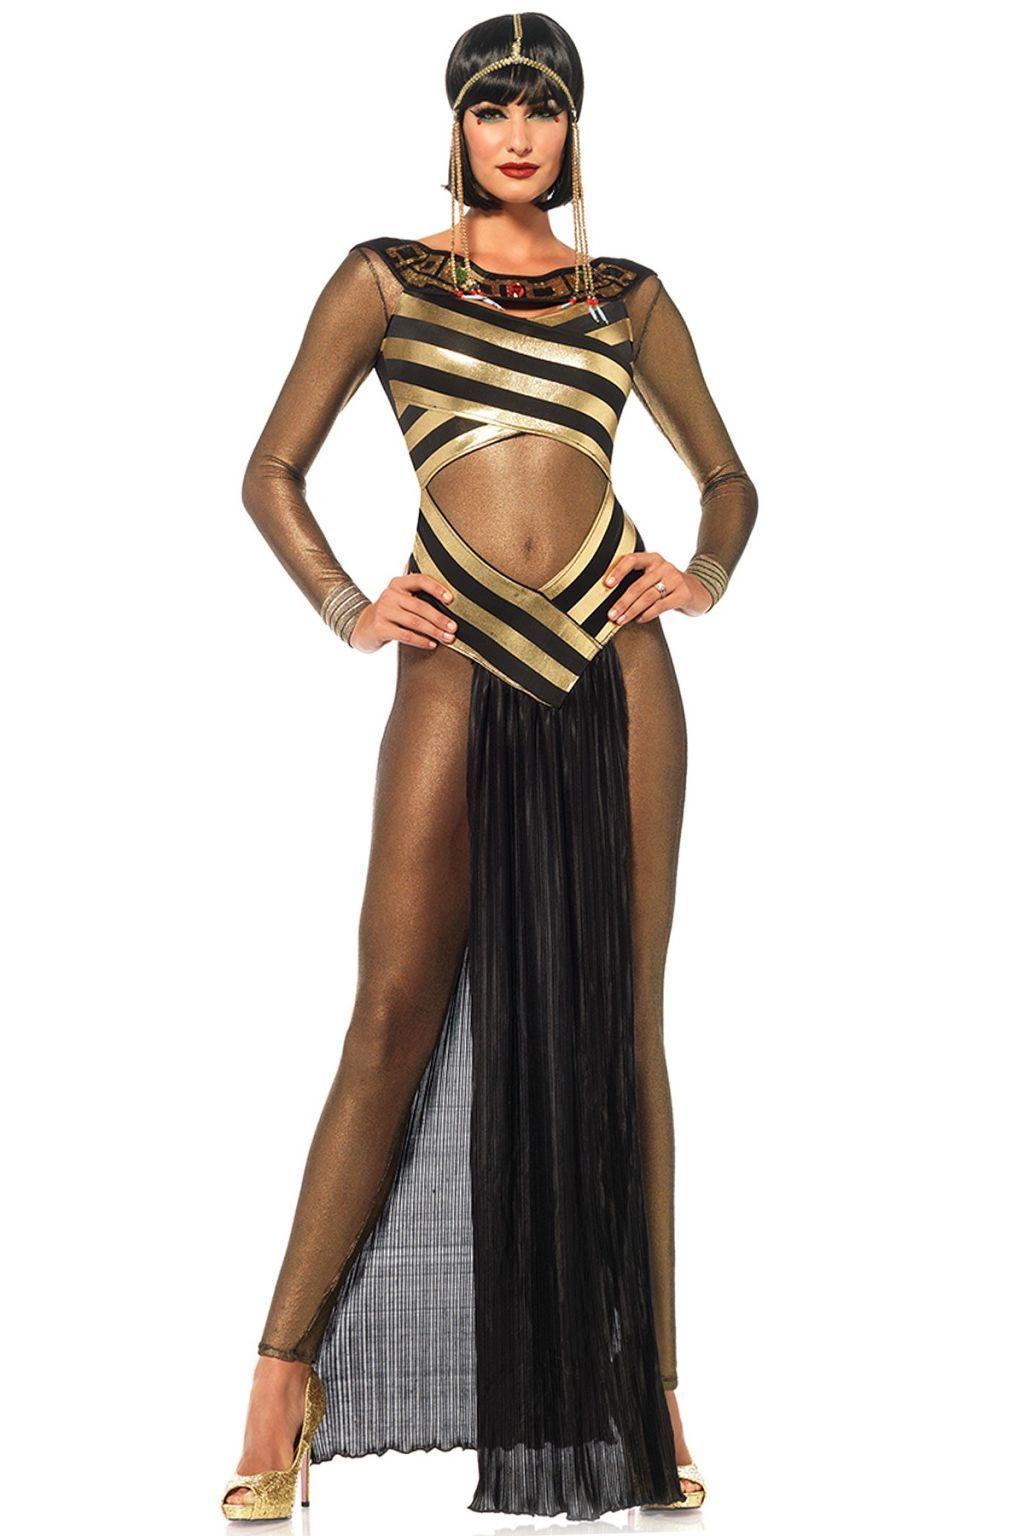 29d54beefe 43 vestiti di Carnevale per adulti originali e da indossare in coppia